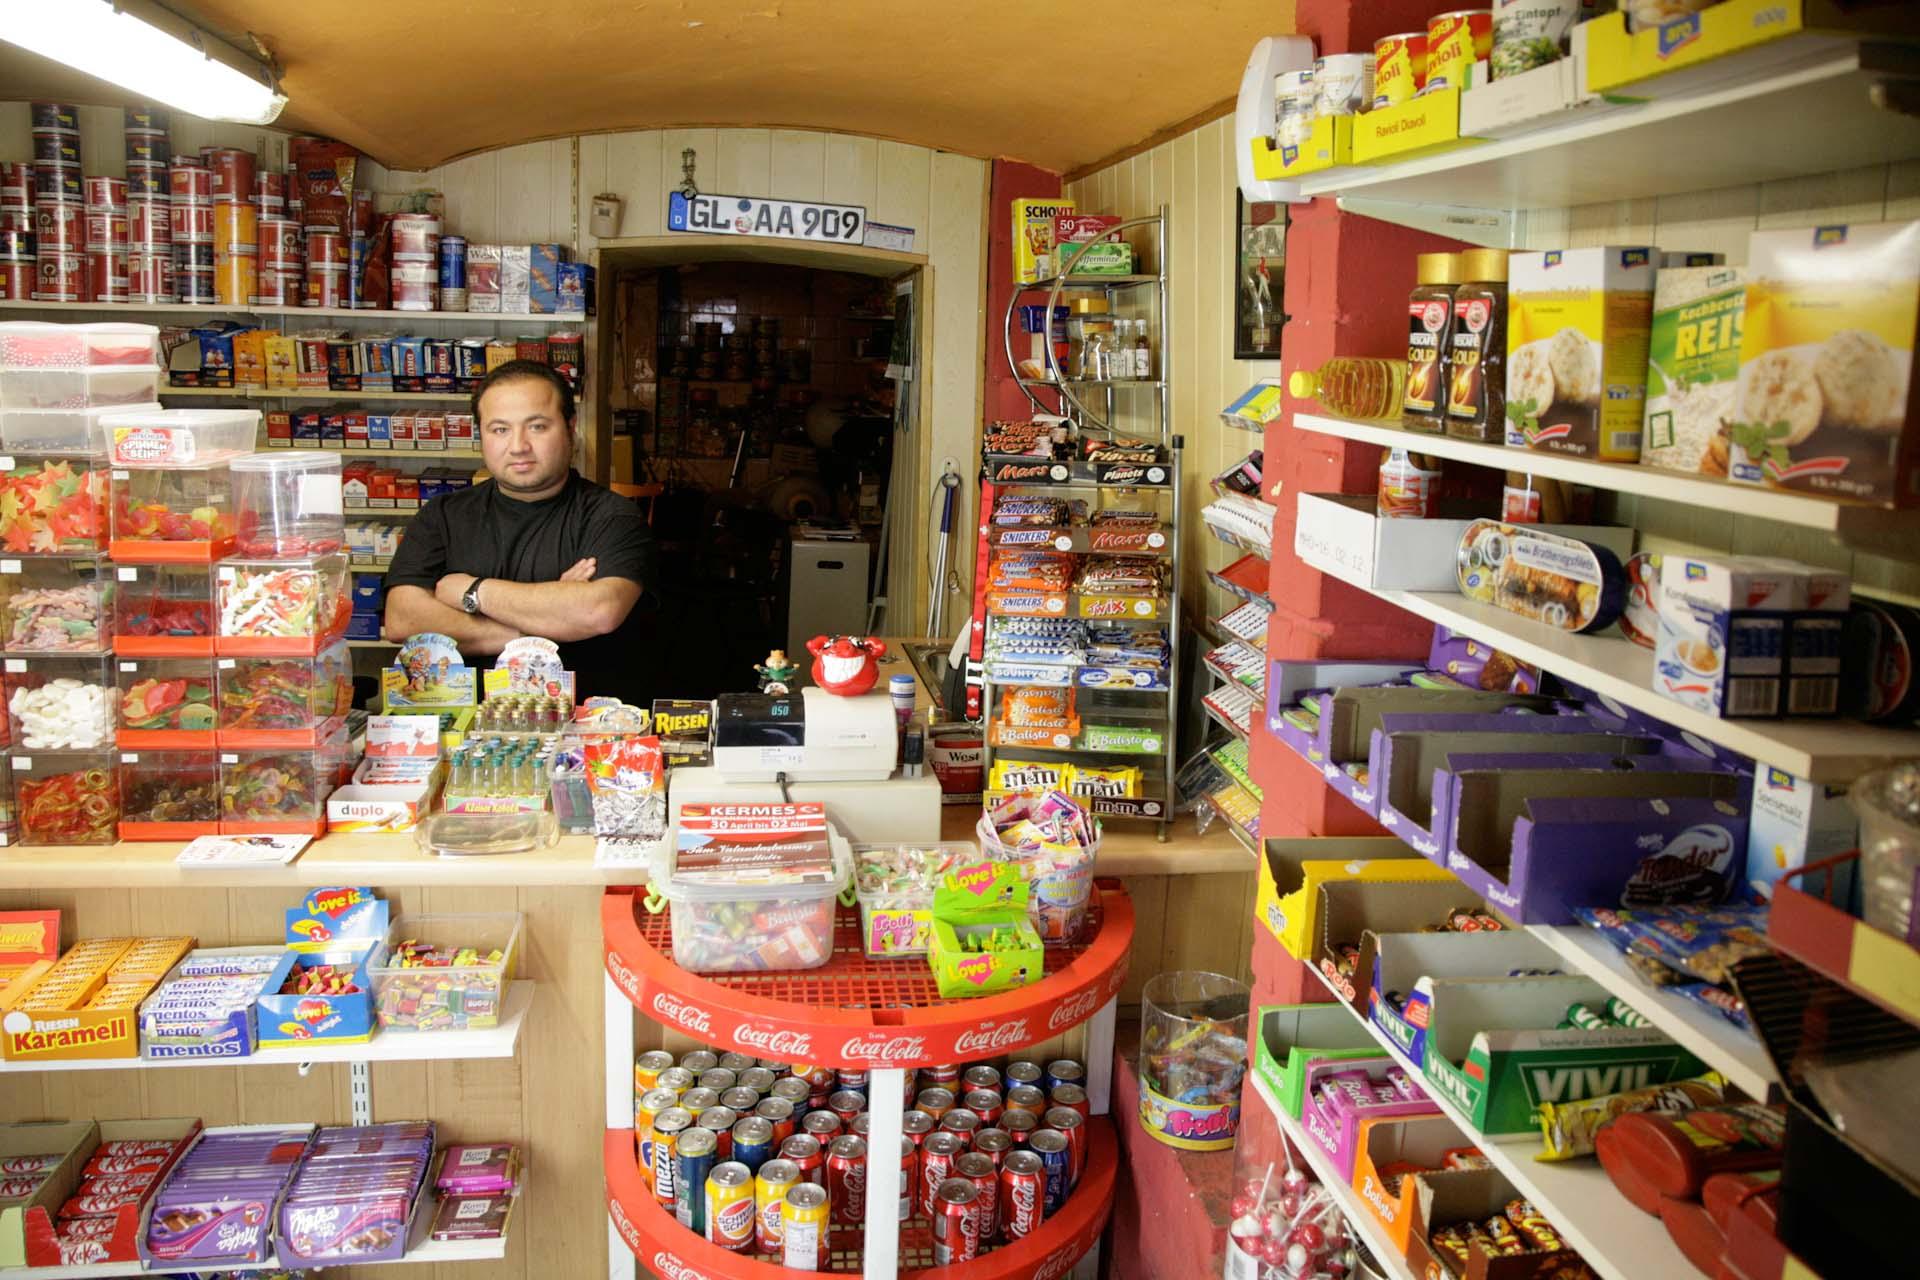 Der aus Bergisch-Gladbach stammende Murat fühlt sich wohl in Wuppertal und betreibt diesen winzigen Kellerkiosk in der Friedrich-Ebert-Str., einer von vielen türkischstämmigen Wuppertalern bewohnter Stadtteil. Den Laden betreibt Murat alleine, wobei der Verdienst eher schlecht als recht zum Leben reicht.